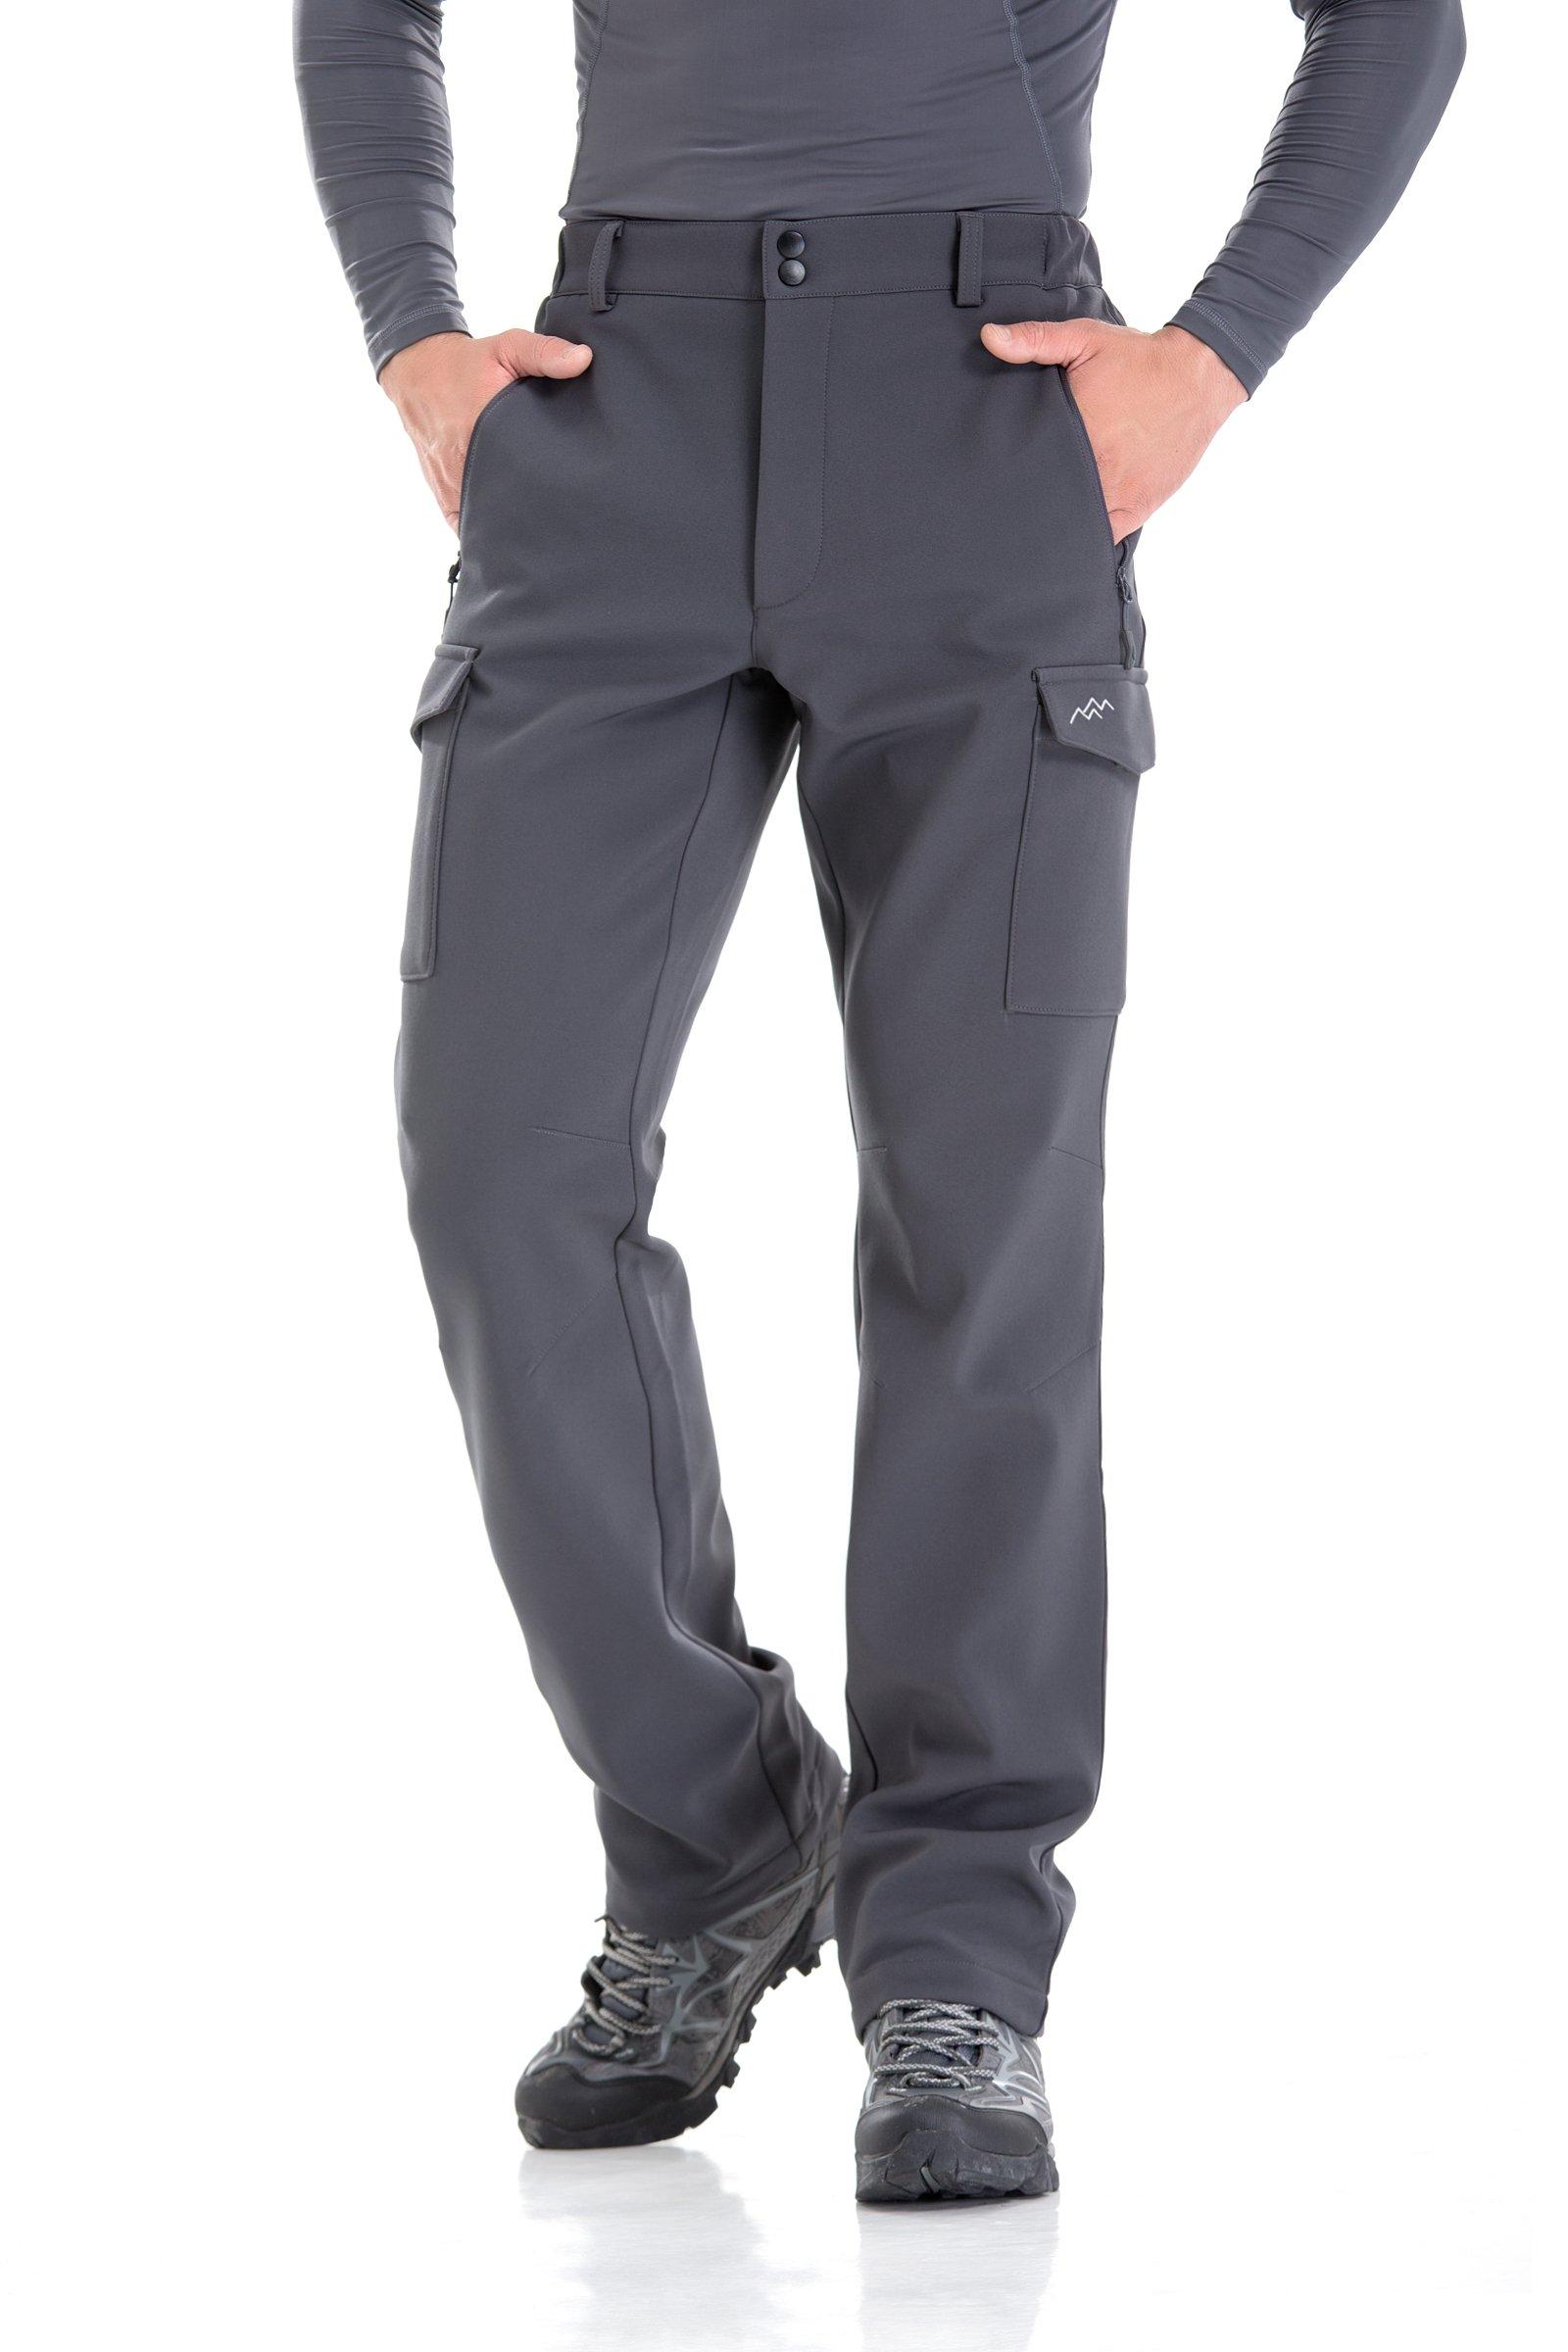 18aceacb6c6d3 Men's Water-Repellent Softshell Fleece-Lined Cargo Pant (Dark Grey-2XL)